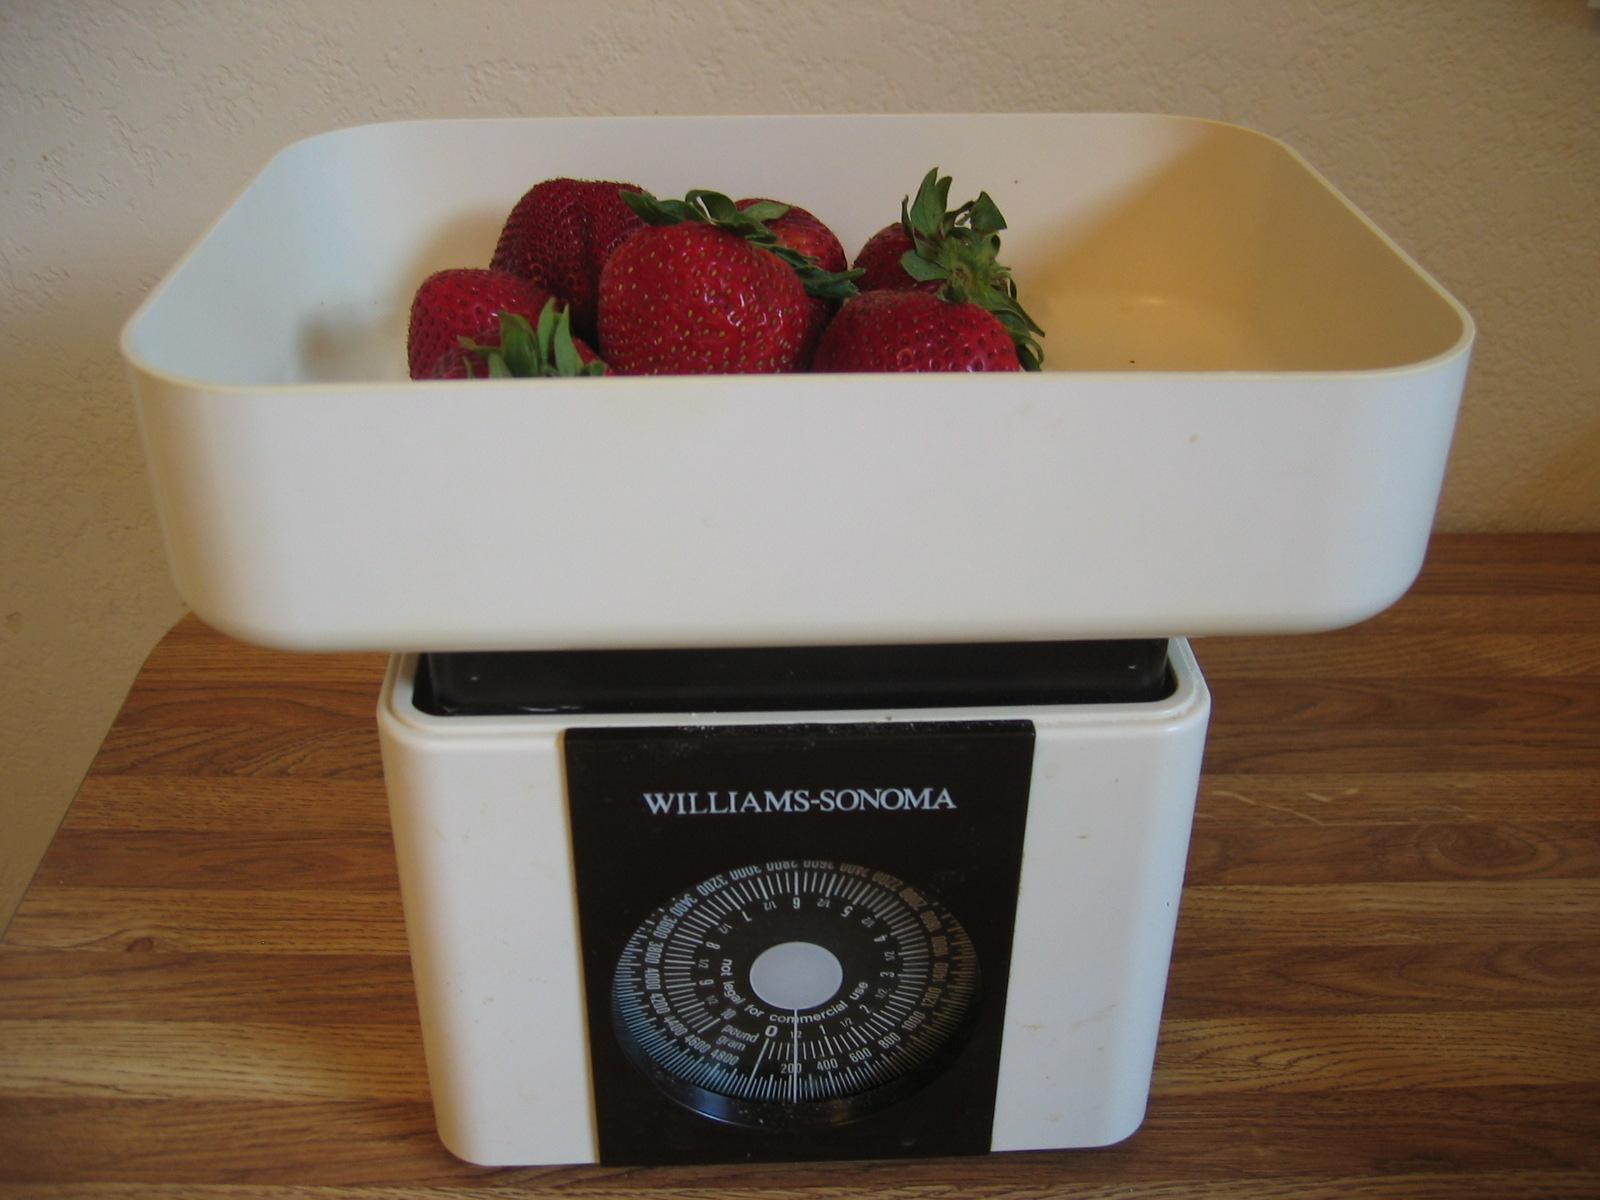 jahody na váze